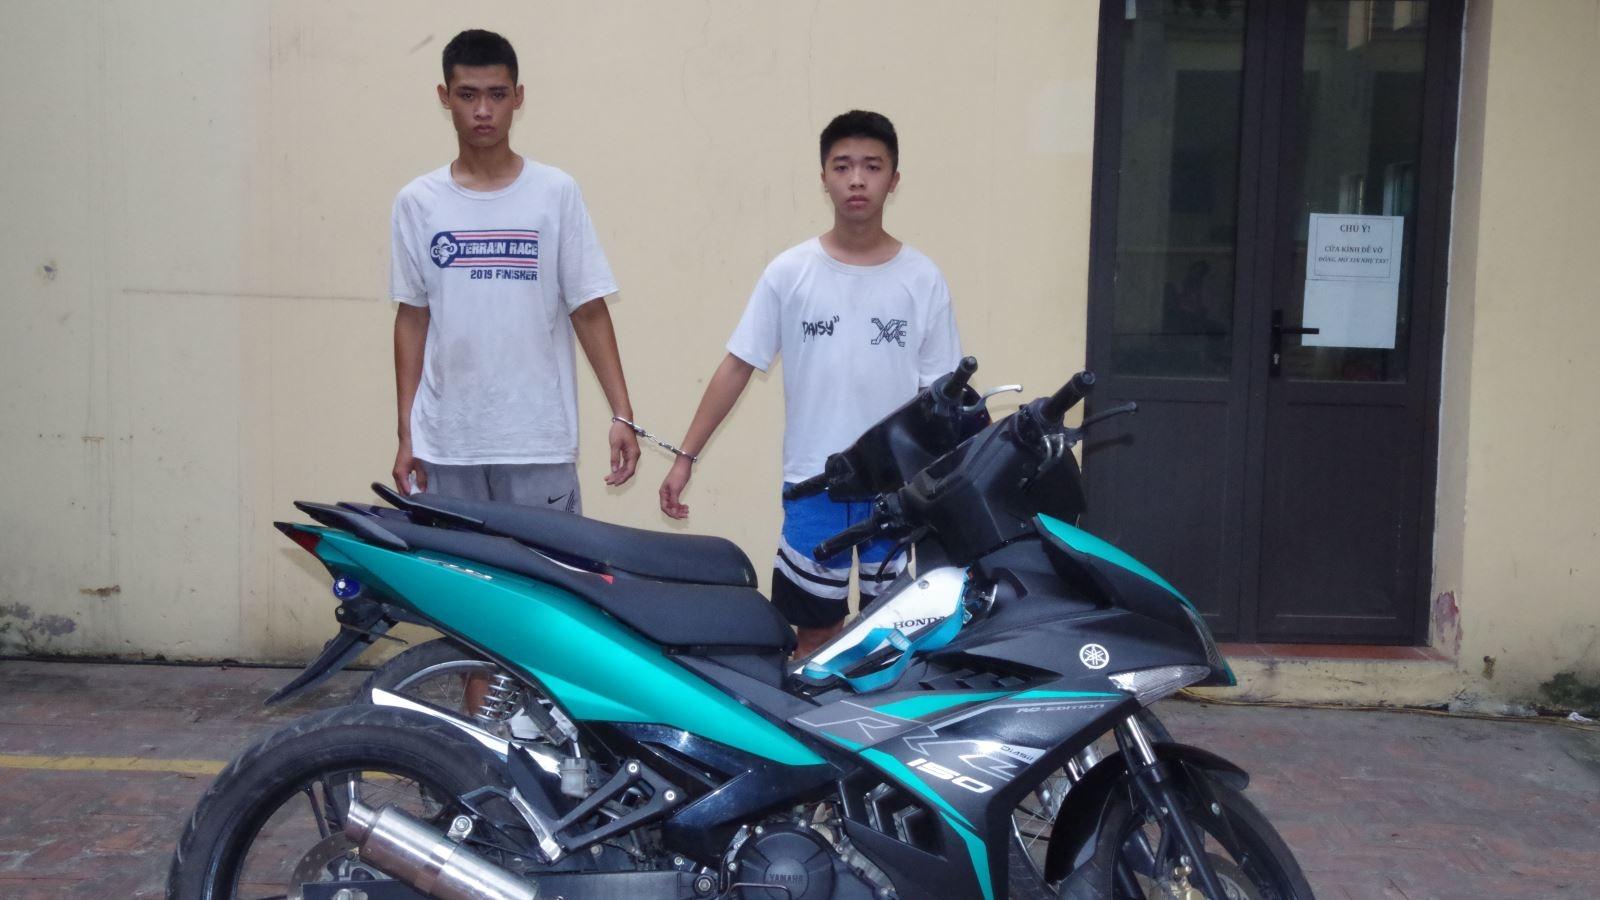 Bắc Ninh bắt 2 đối tượng dùng dao khống chếcướp tài sản sau 48h gây án